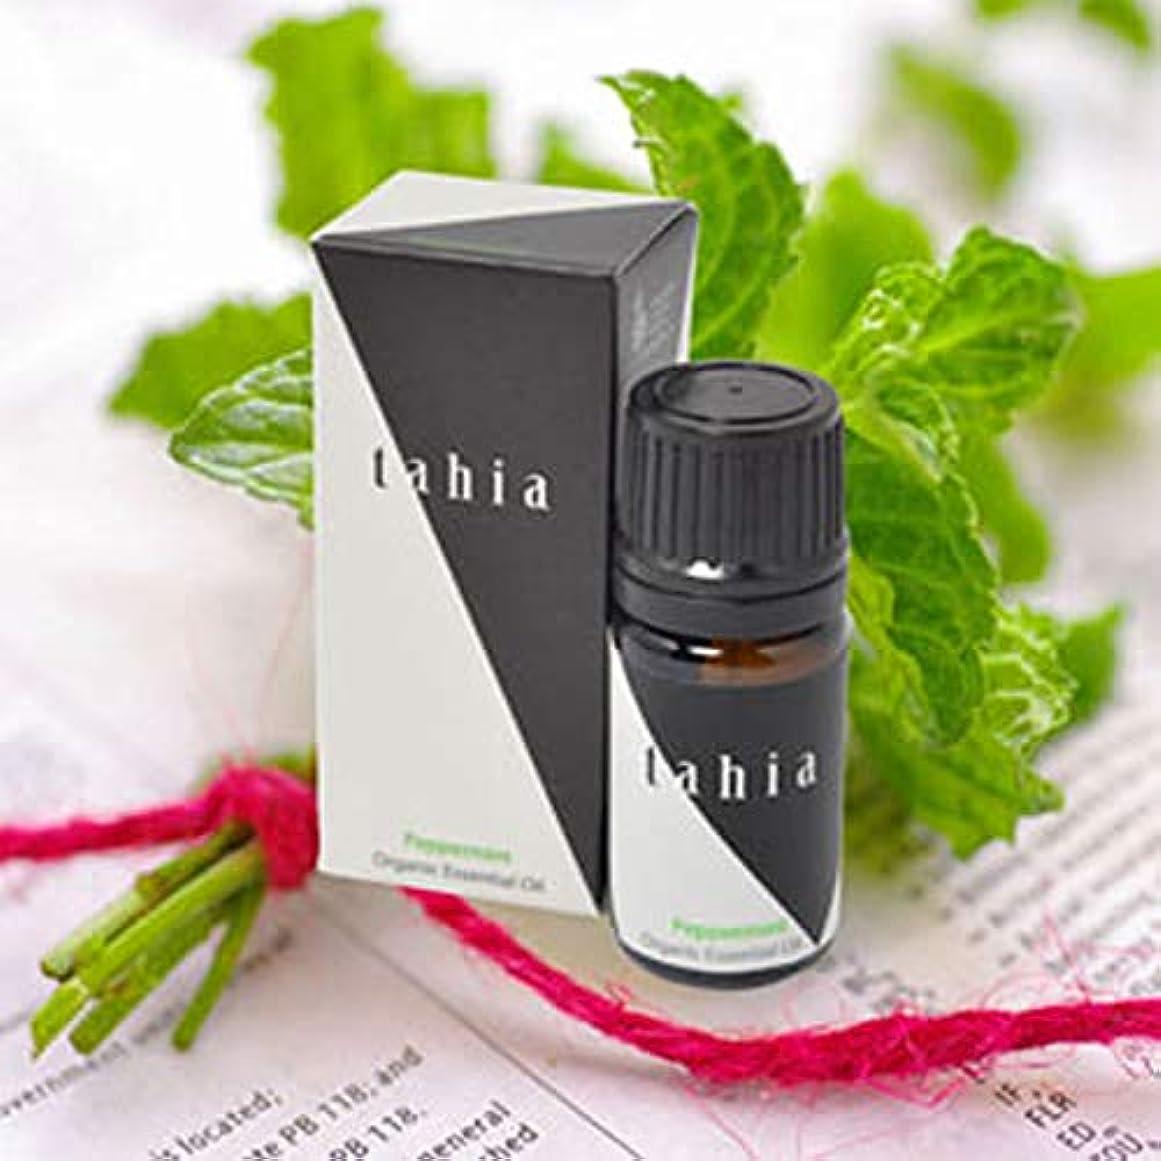 発行可能にする五月タツフト タヒア tahia ペパーミント  エッセンシャルオイル オーガニック 芳香 精油